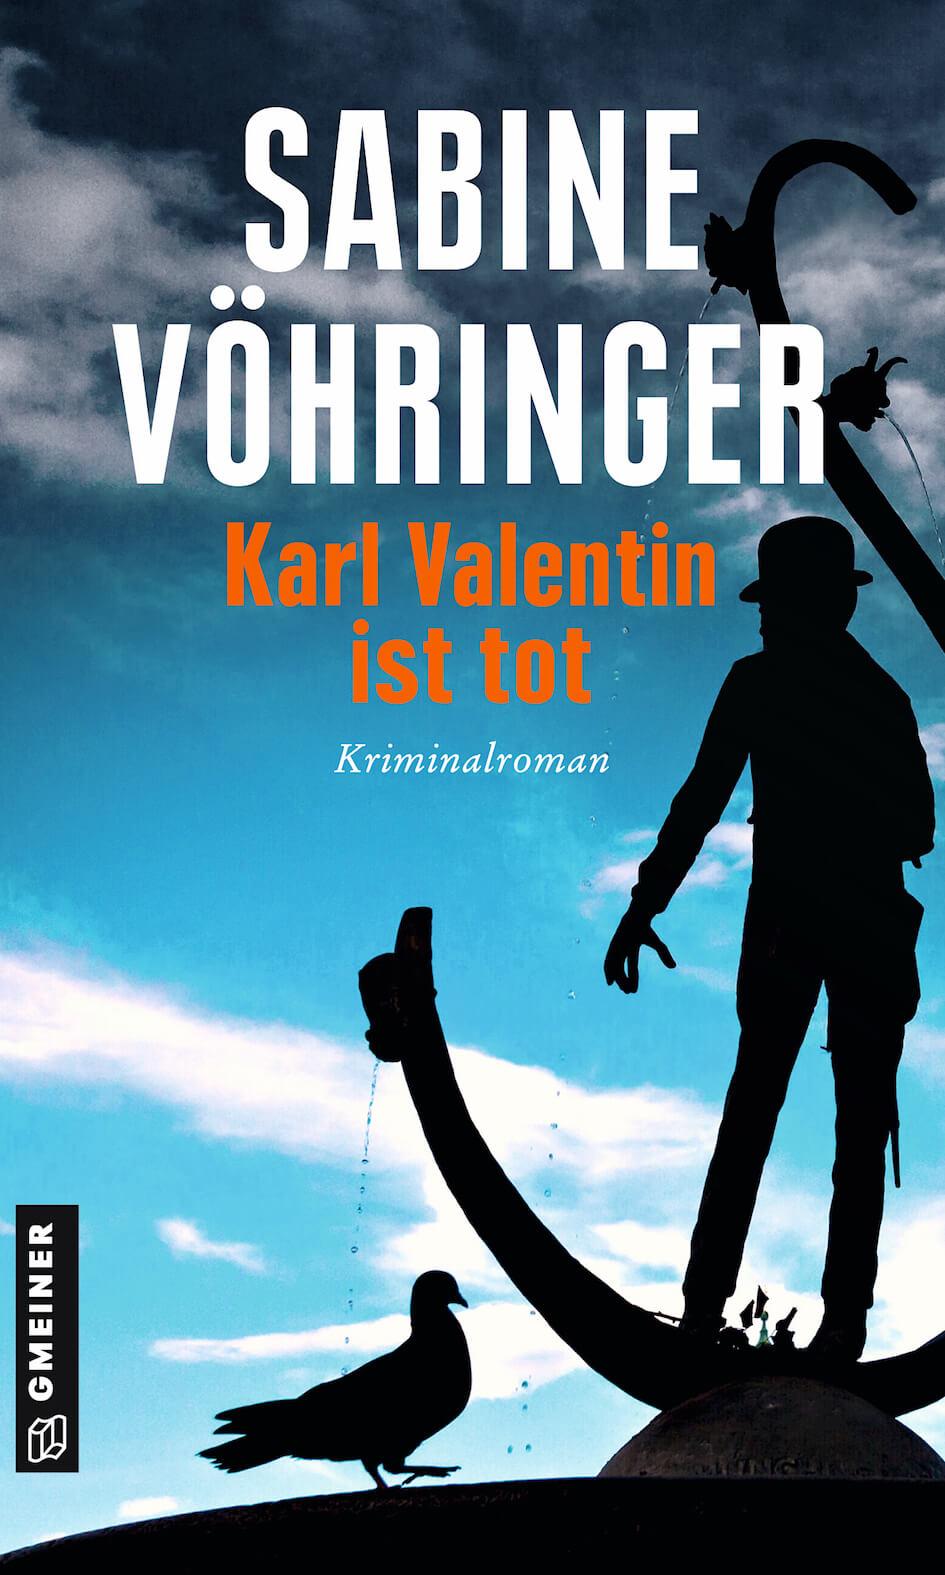 Karl Valentin ist tot Sabine Voehringer